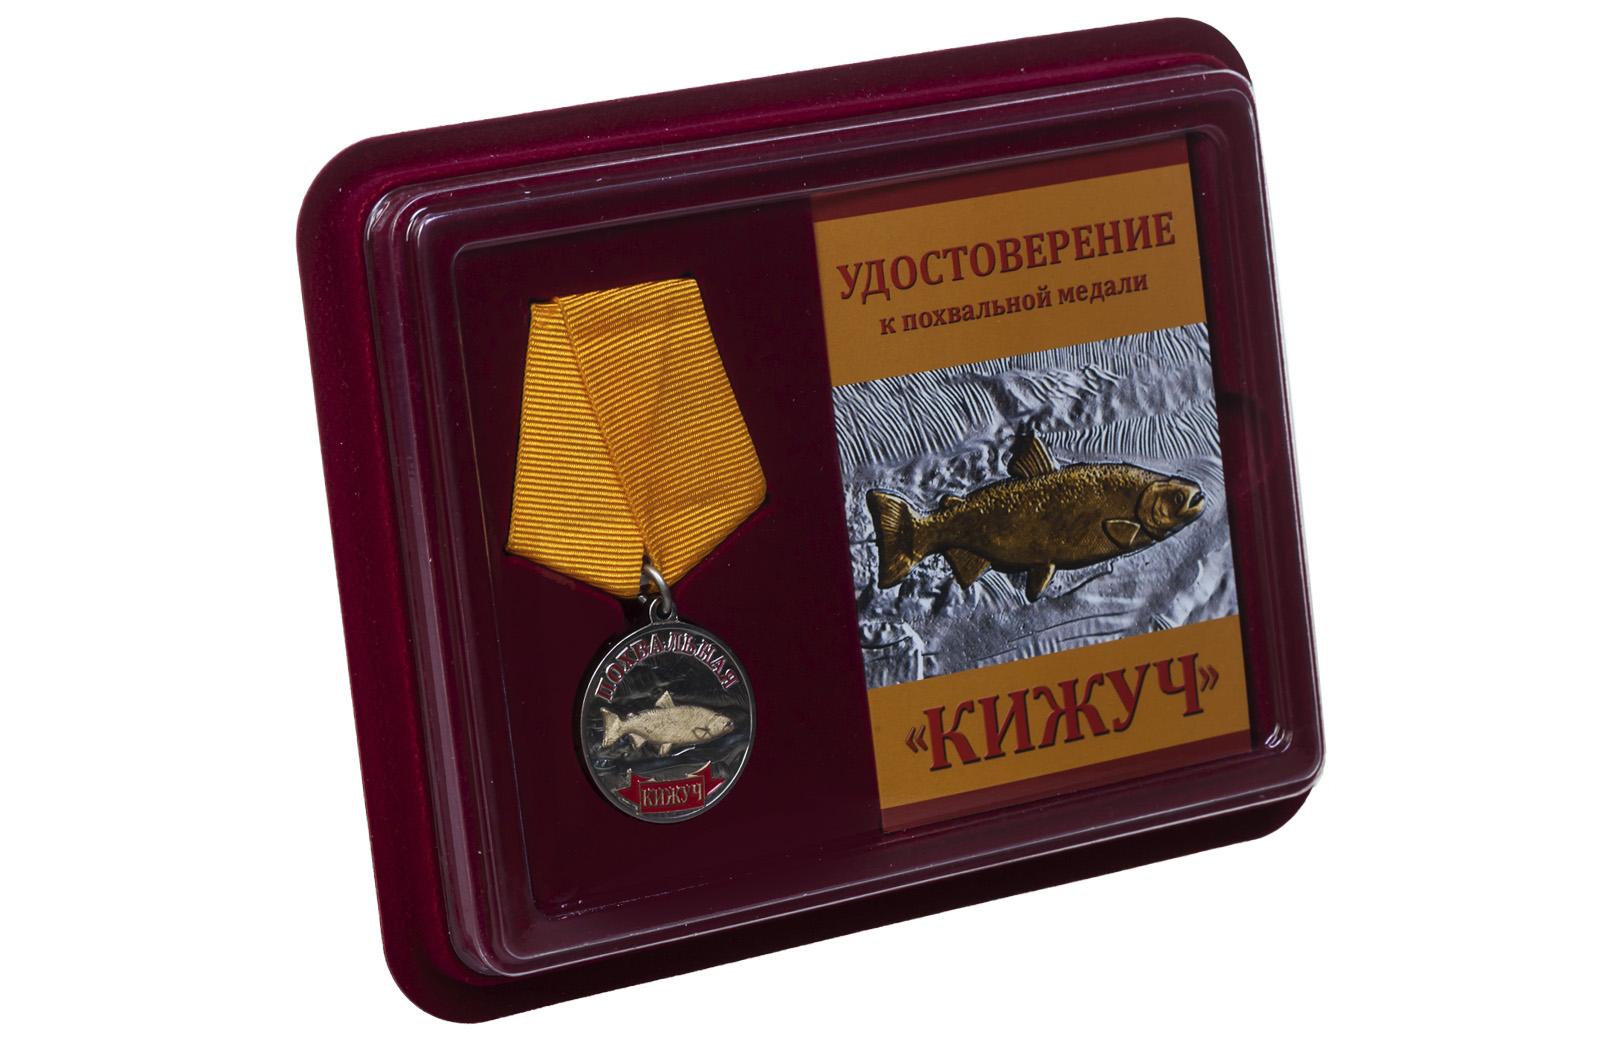 Медаль Похвальная Кижуч заказать выгодно